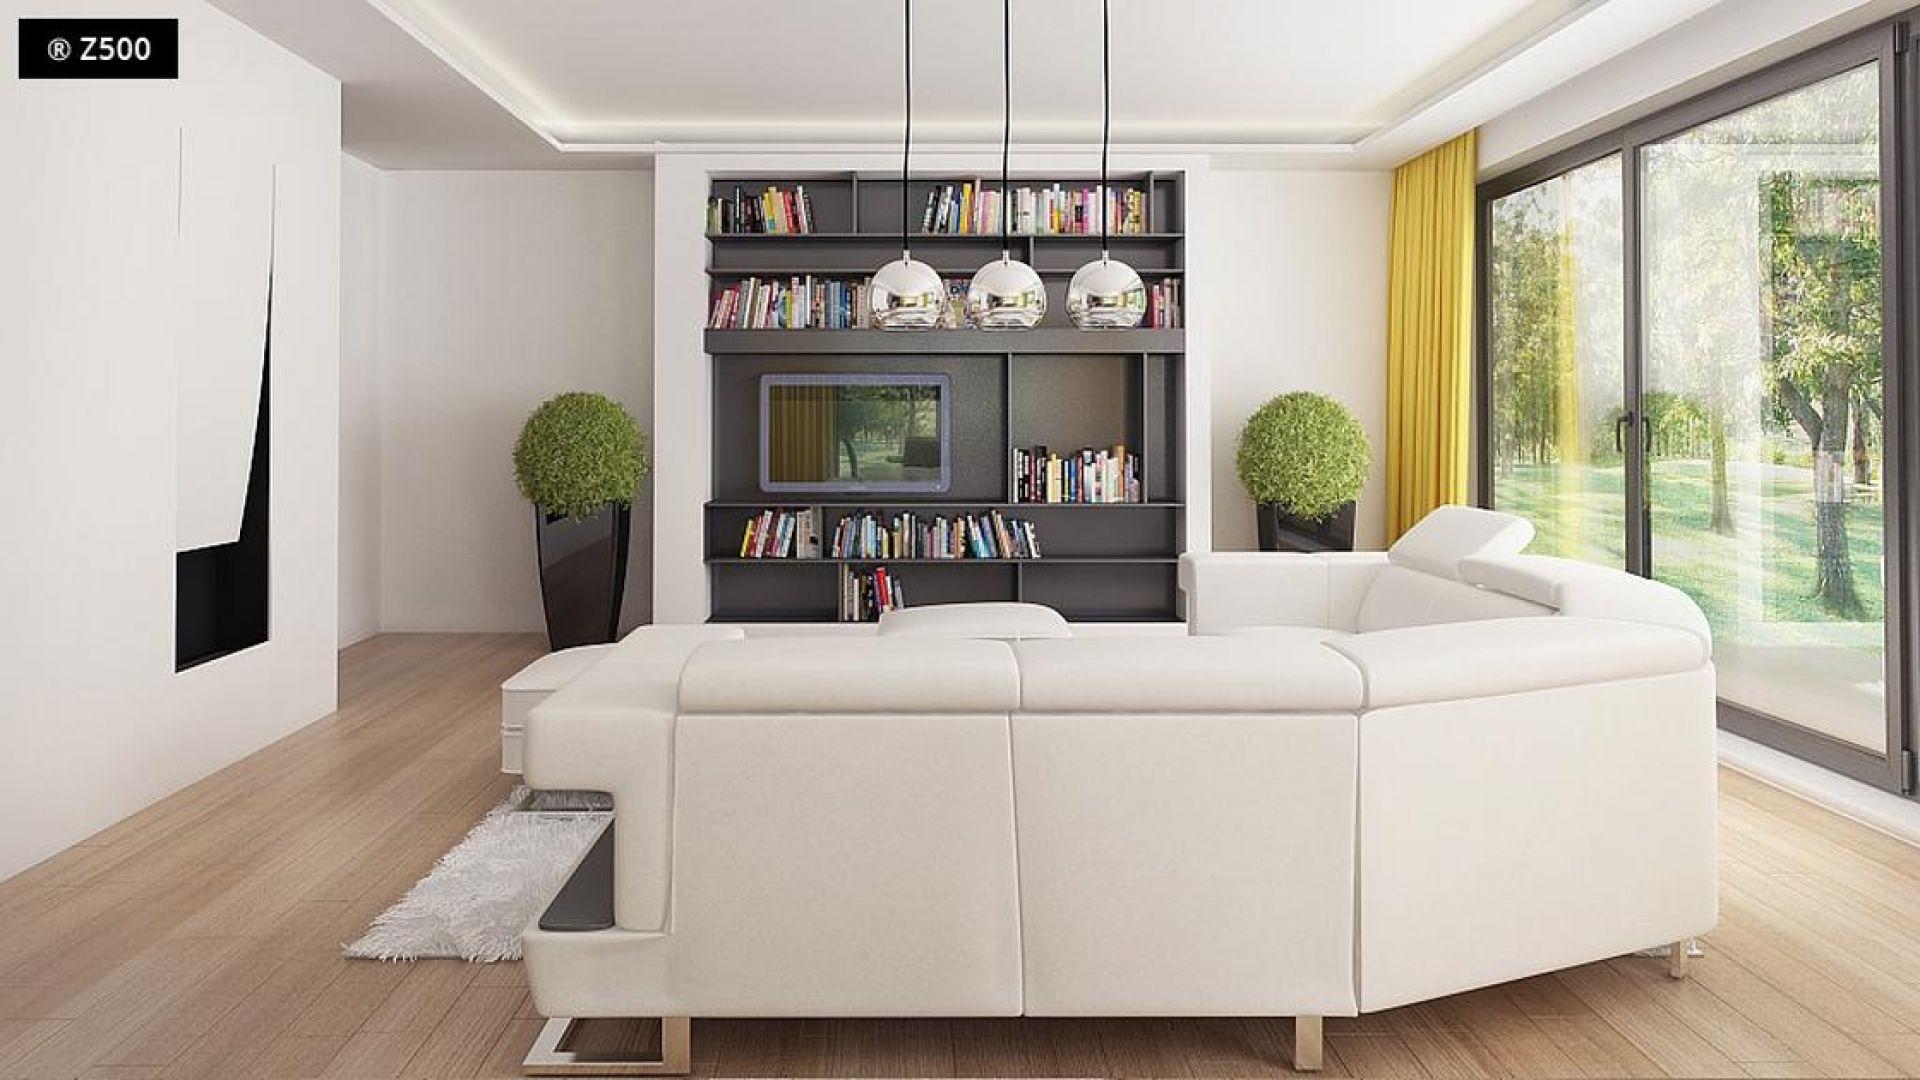 Dzięki temu, że w salonie dominuje biel (ocieplona jasną, drewnianą podłogą) wnętrze wydaje się optycznie większe. Fot. Z500